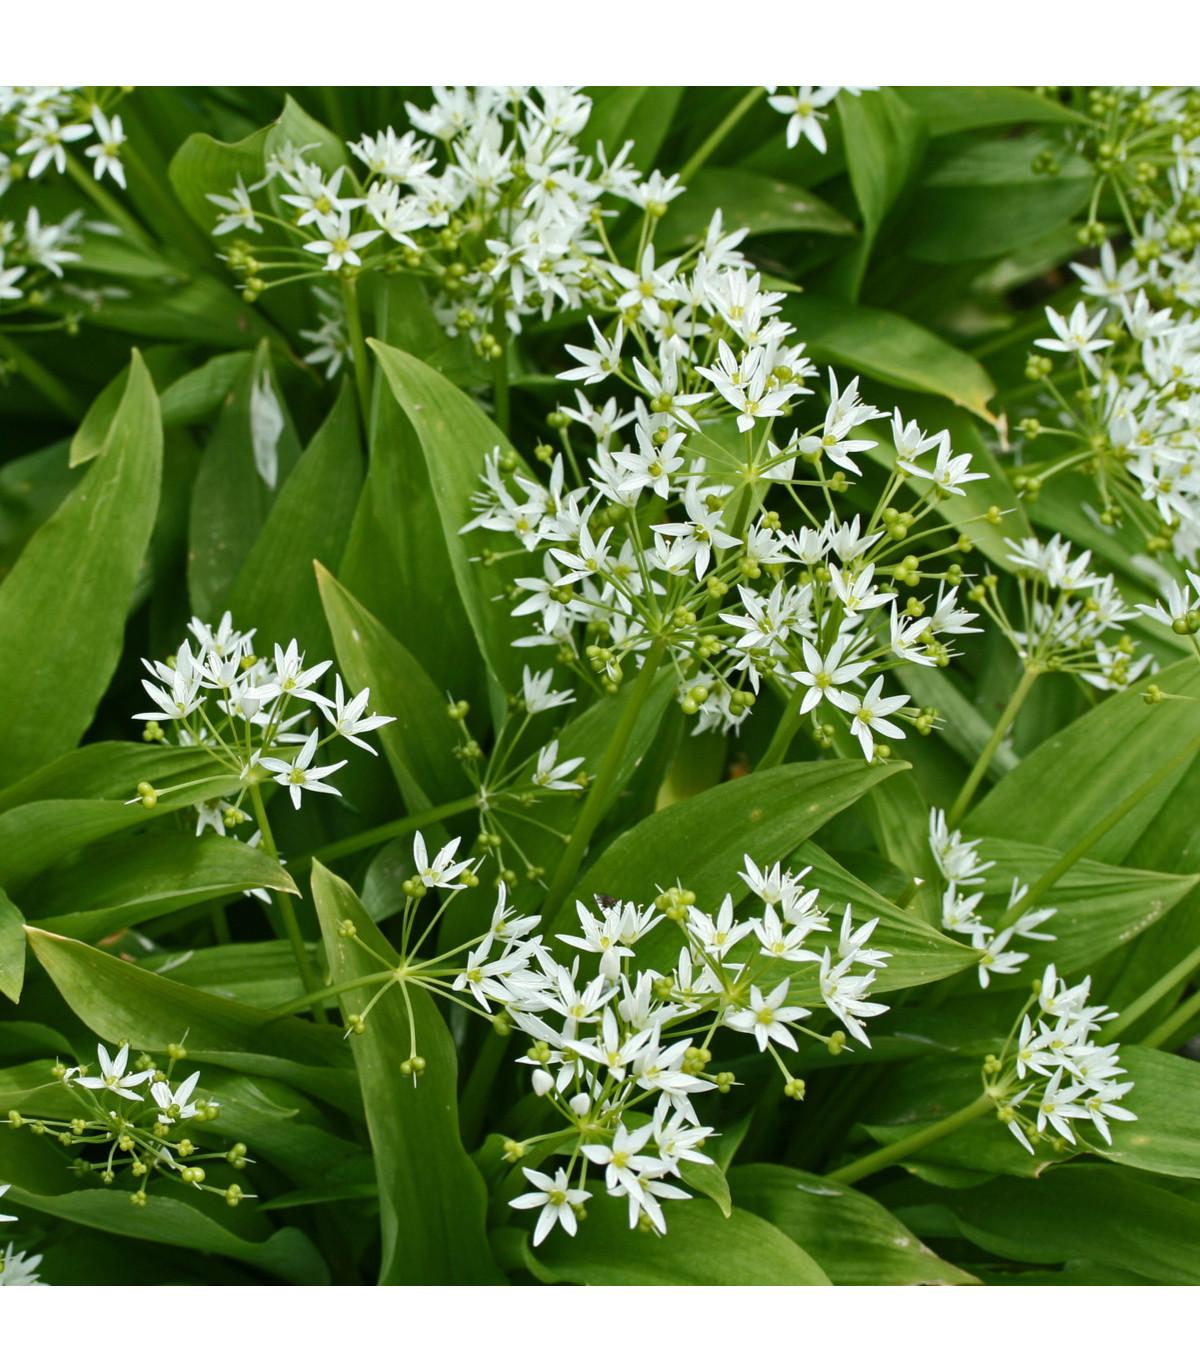 Medvedí cesnak - Allium ursinum - cibuľoviny - 3 ks